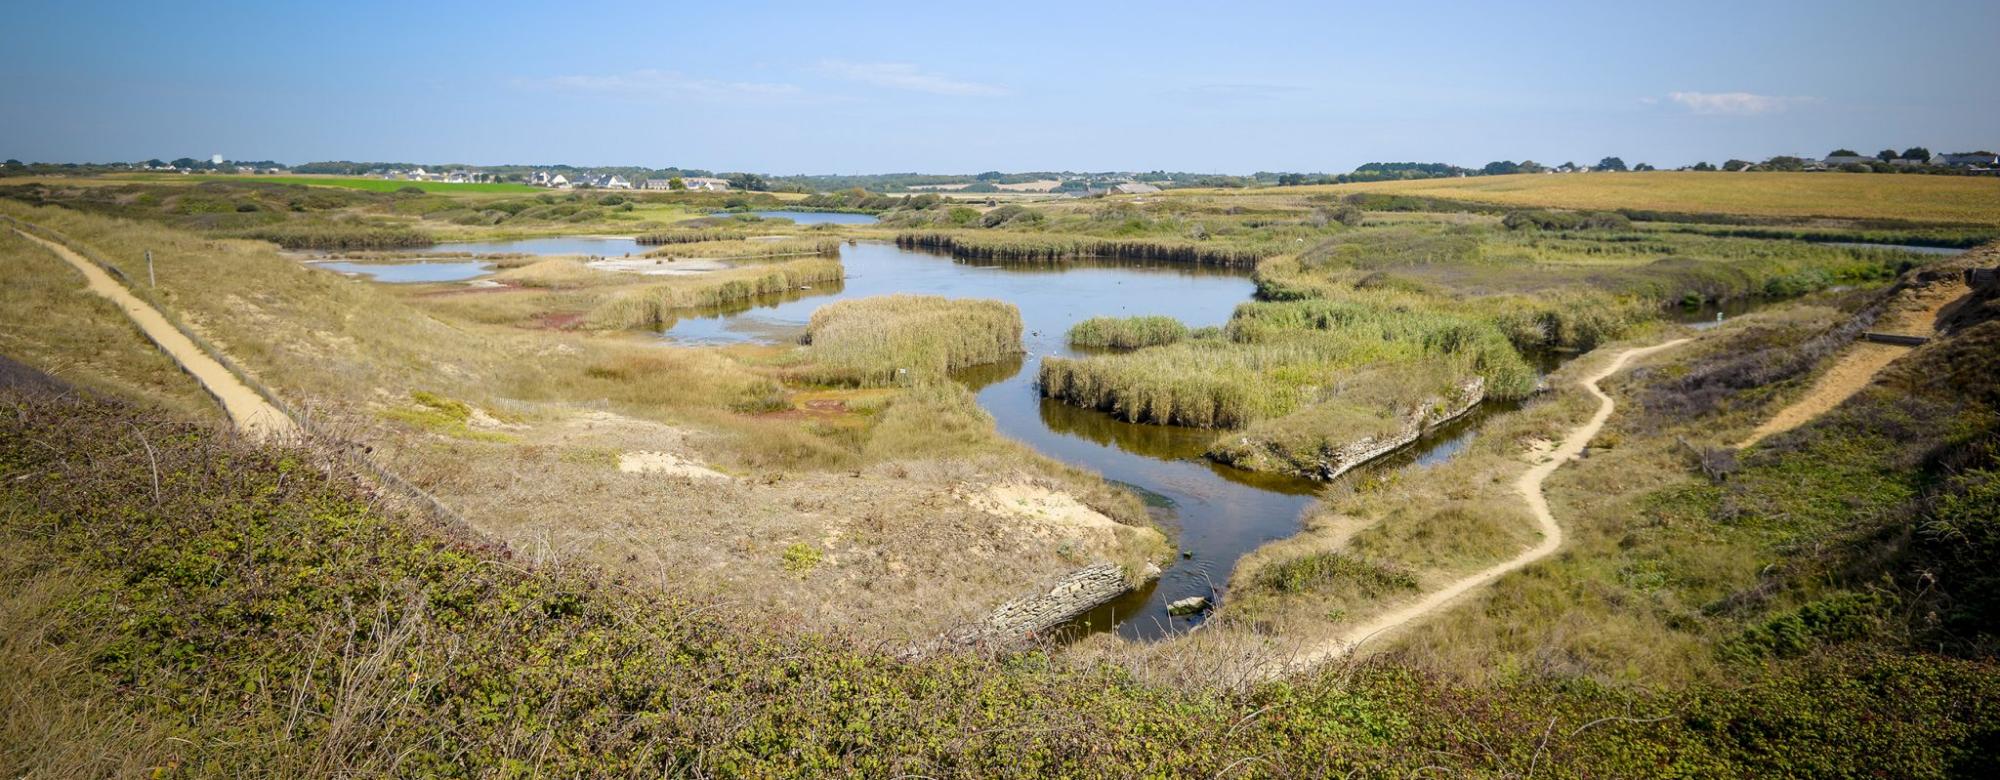 Guidel, les étangs du loch, réserve naturelle